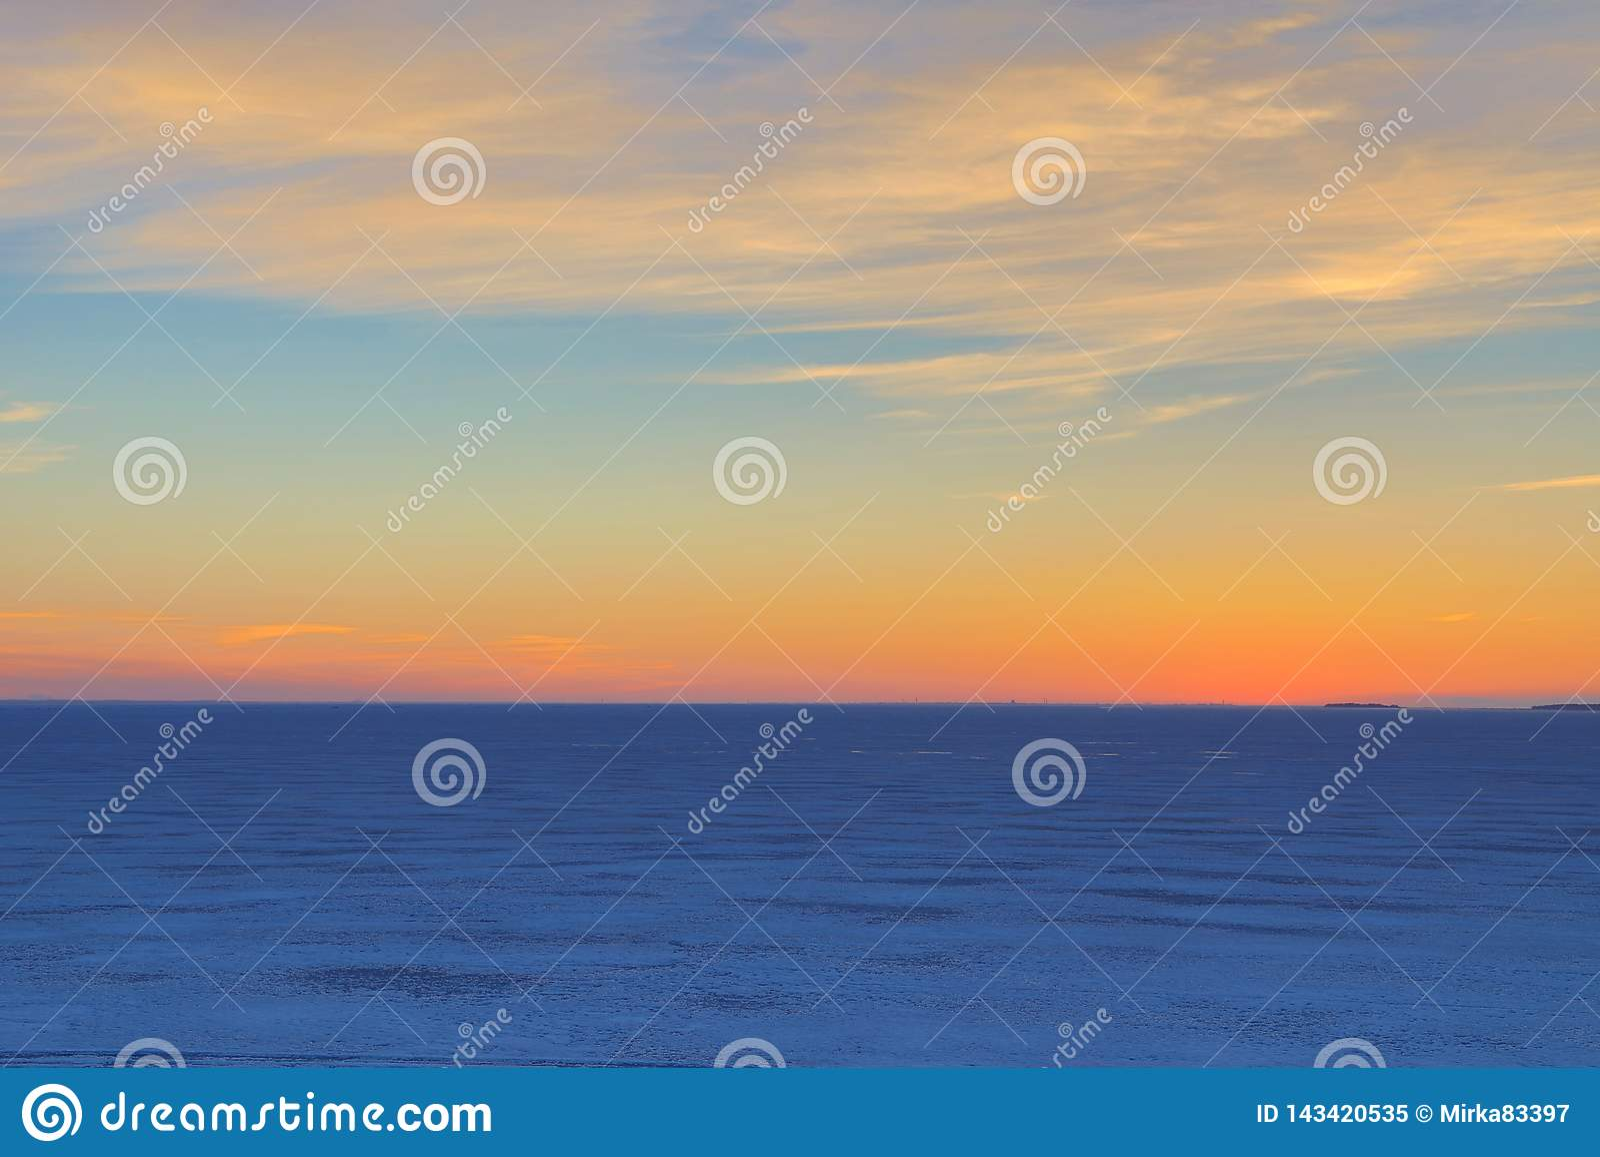 El cielo nublado cloured en coloures brillantes y vivos rojos, anaranjados, carmesís, púrpuras, violetas y azules con el ajuste o